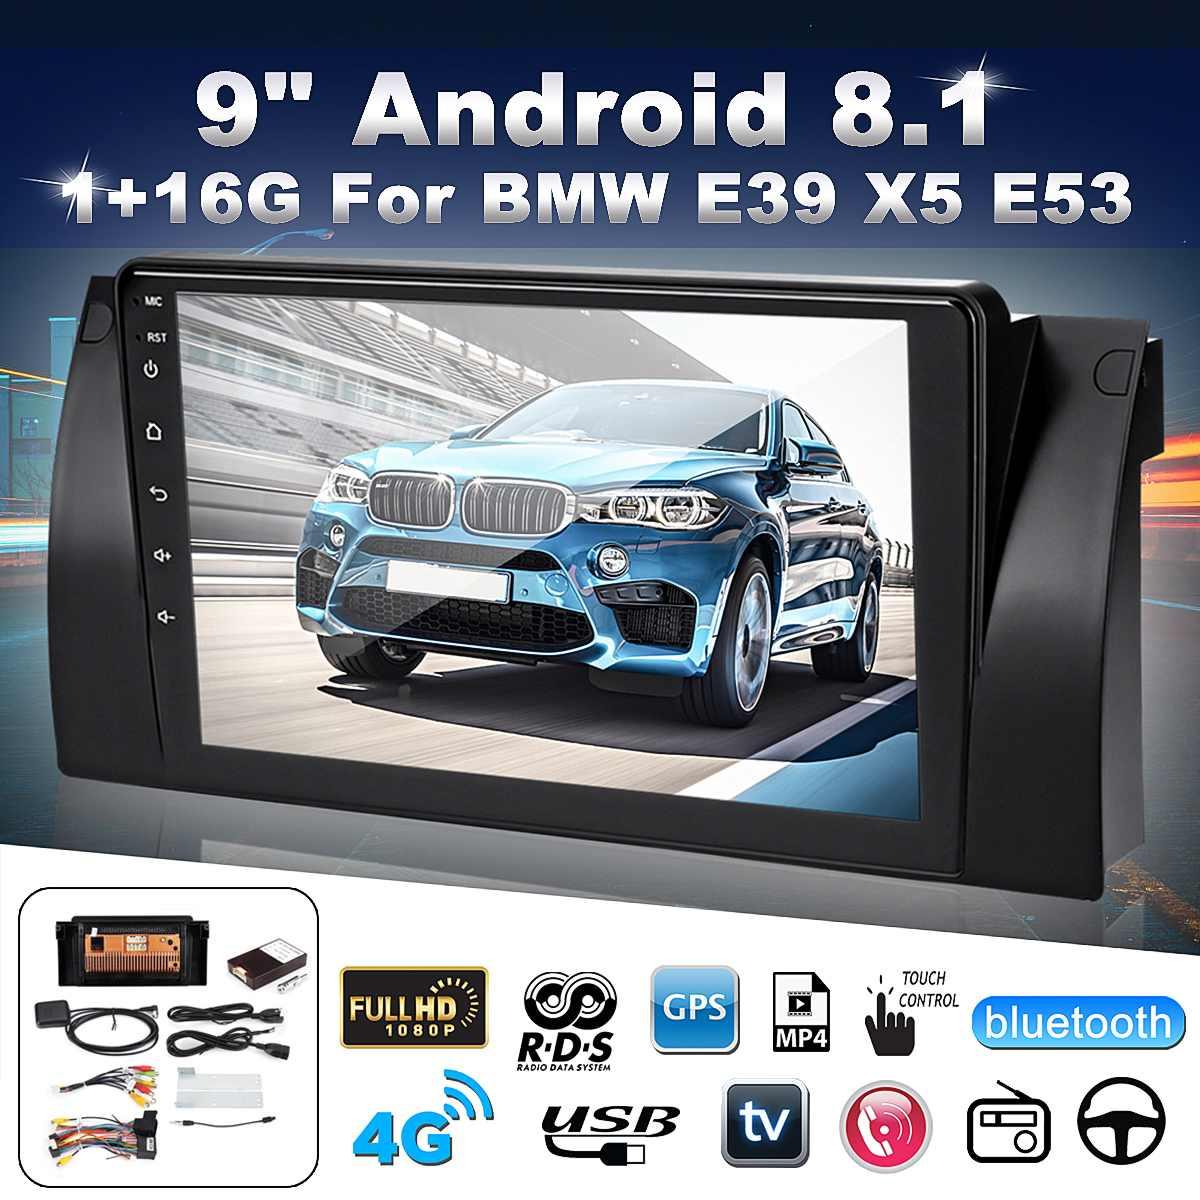 """1 din 9 """"android 8.1 player multimídia do carro rádio estéreo dvd player tela de toque gps bluetooth wifi usb para bmw e39 e53 x5 m5"""